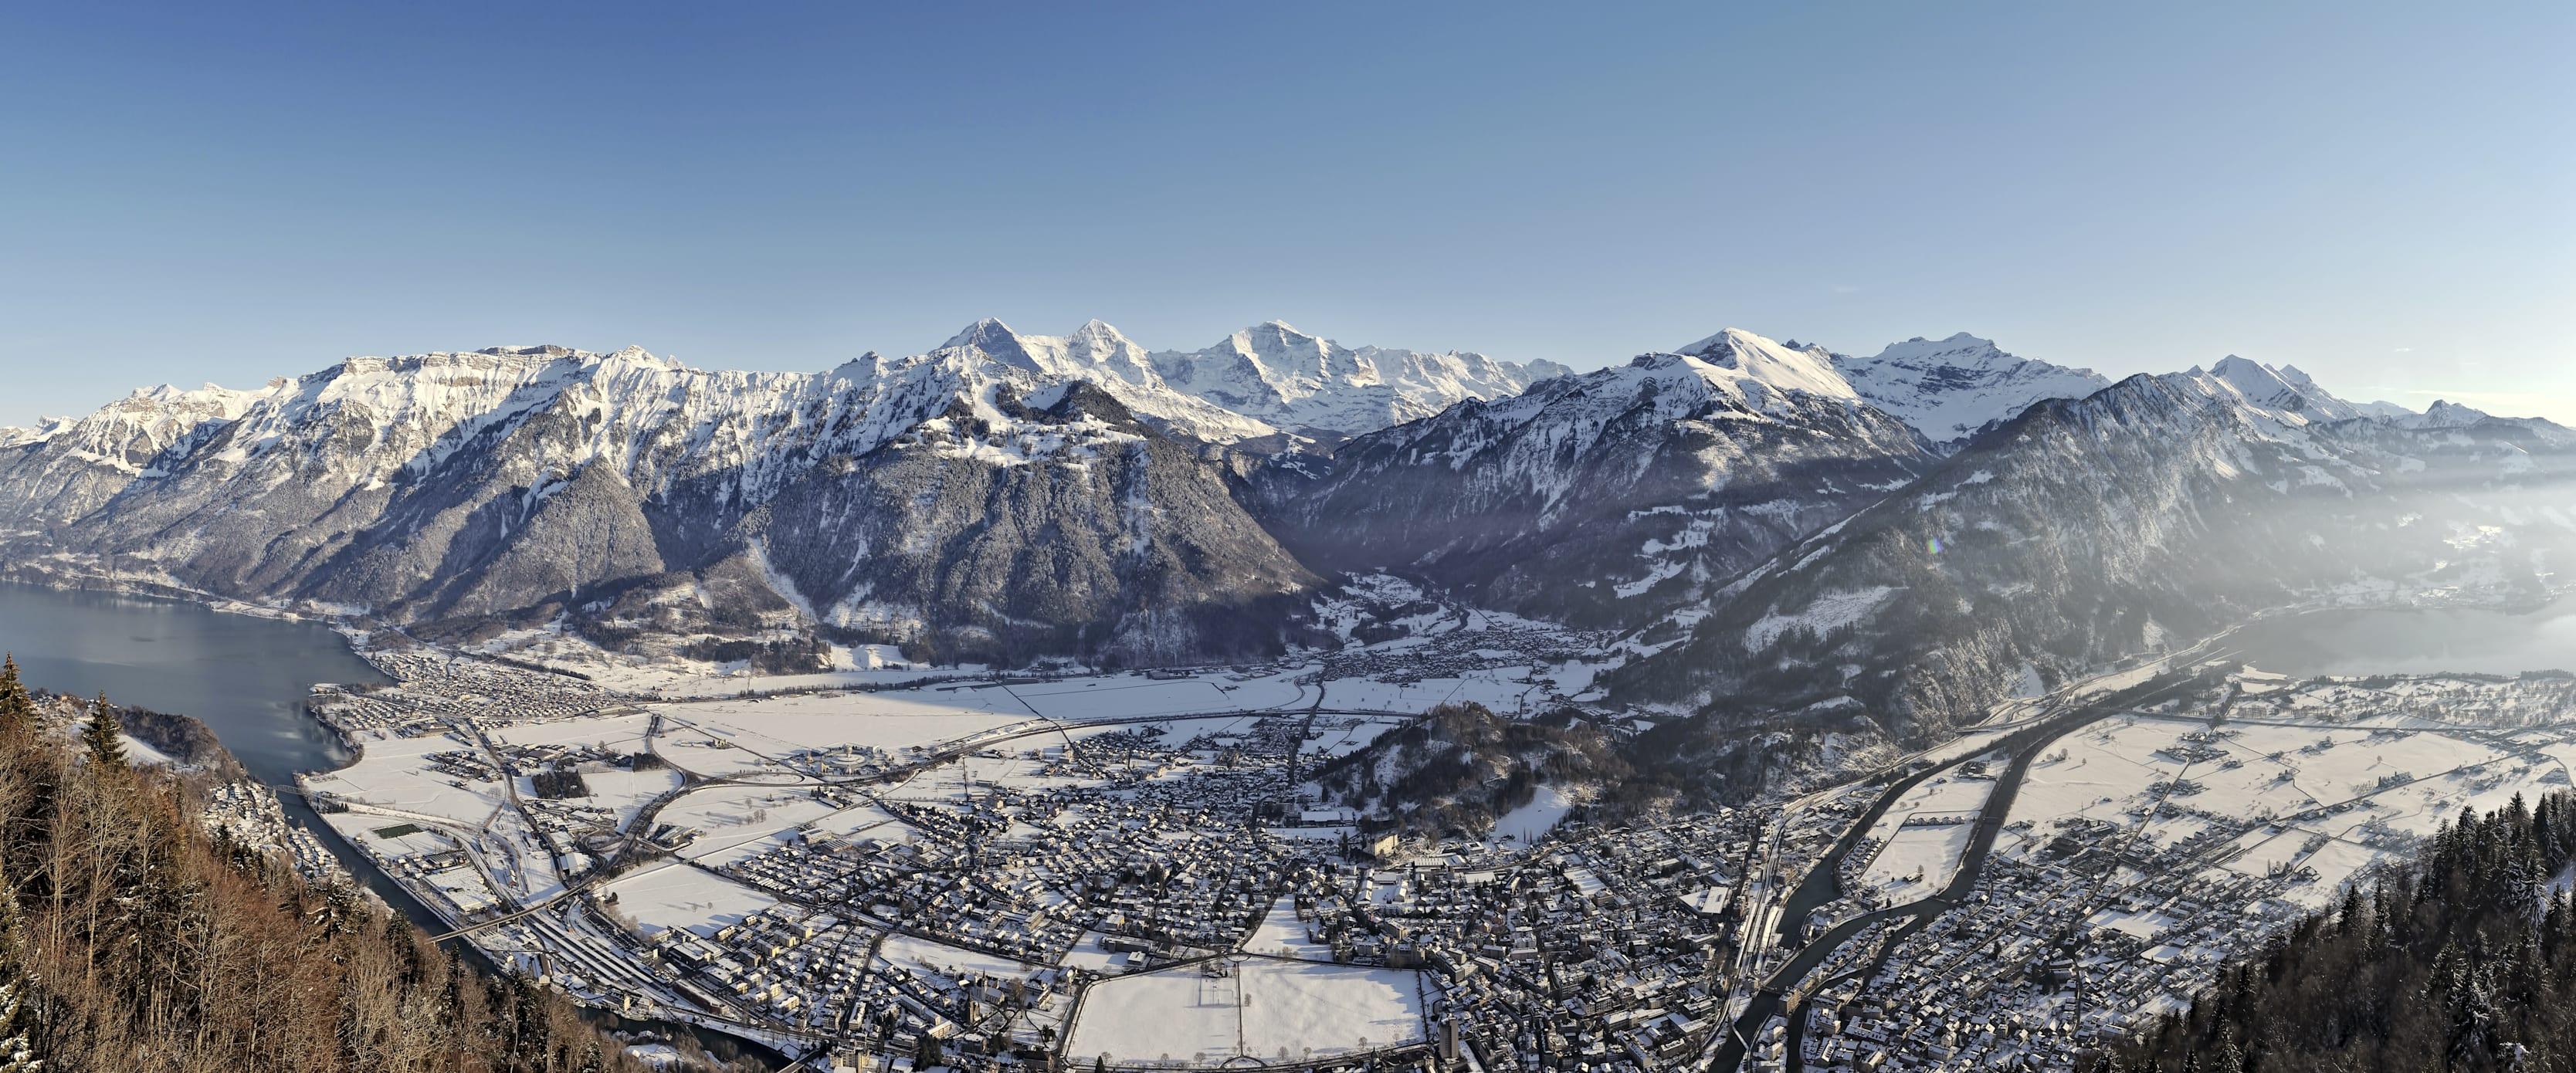 Boedeli Interlaken Winter Panorama Brienzersee